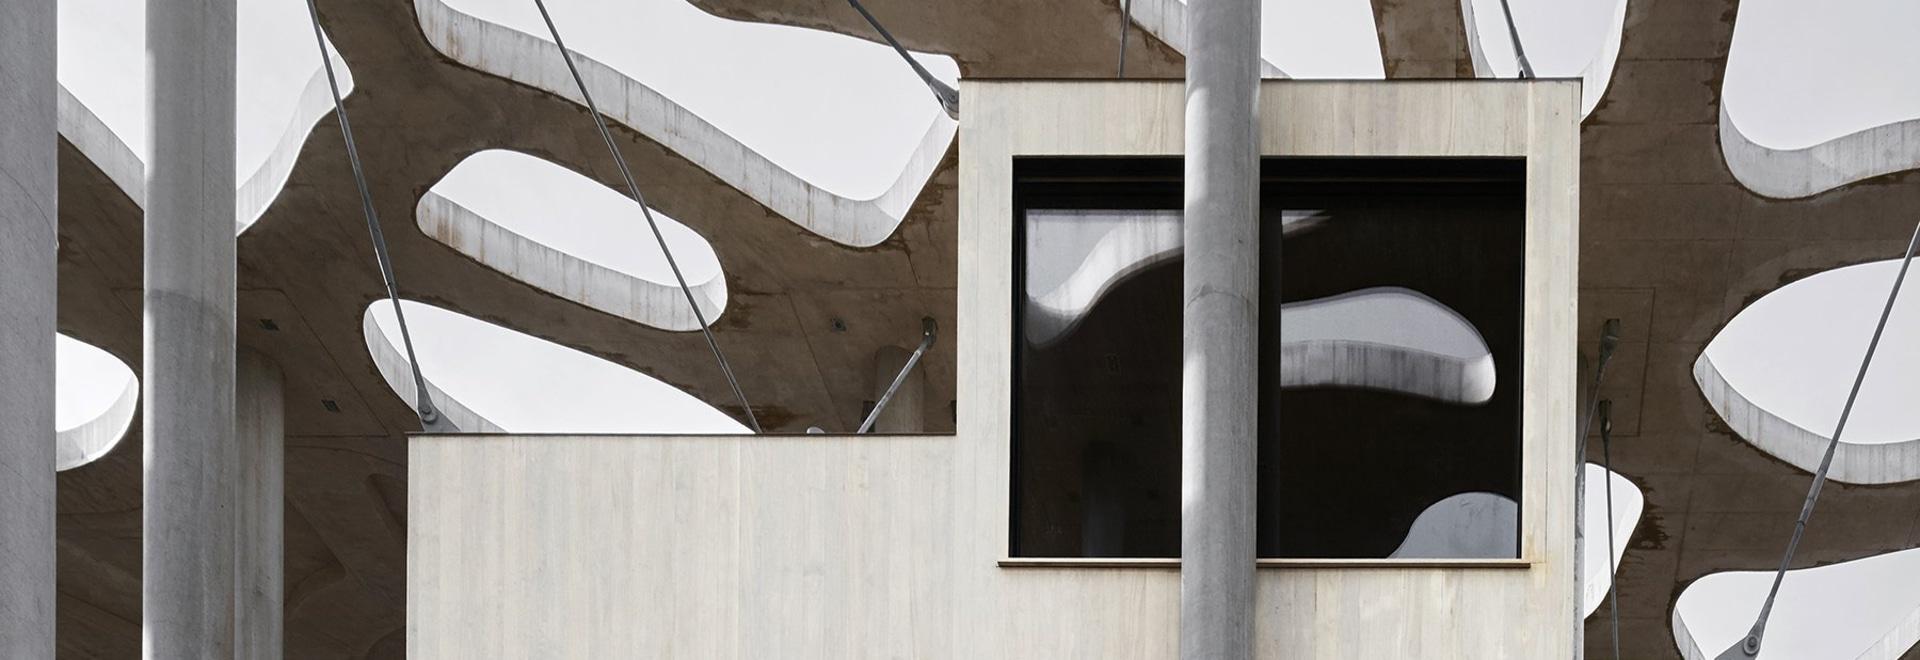 """les architectes d'eggertsson de rintala suspend les cabines de flottement d'auteurs à la louange des ombres"""""""